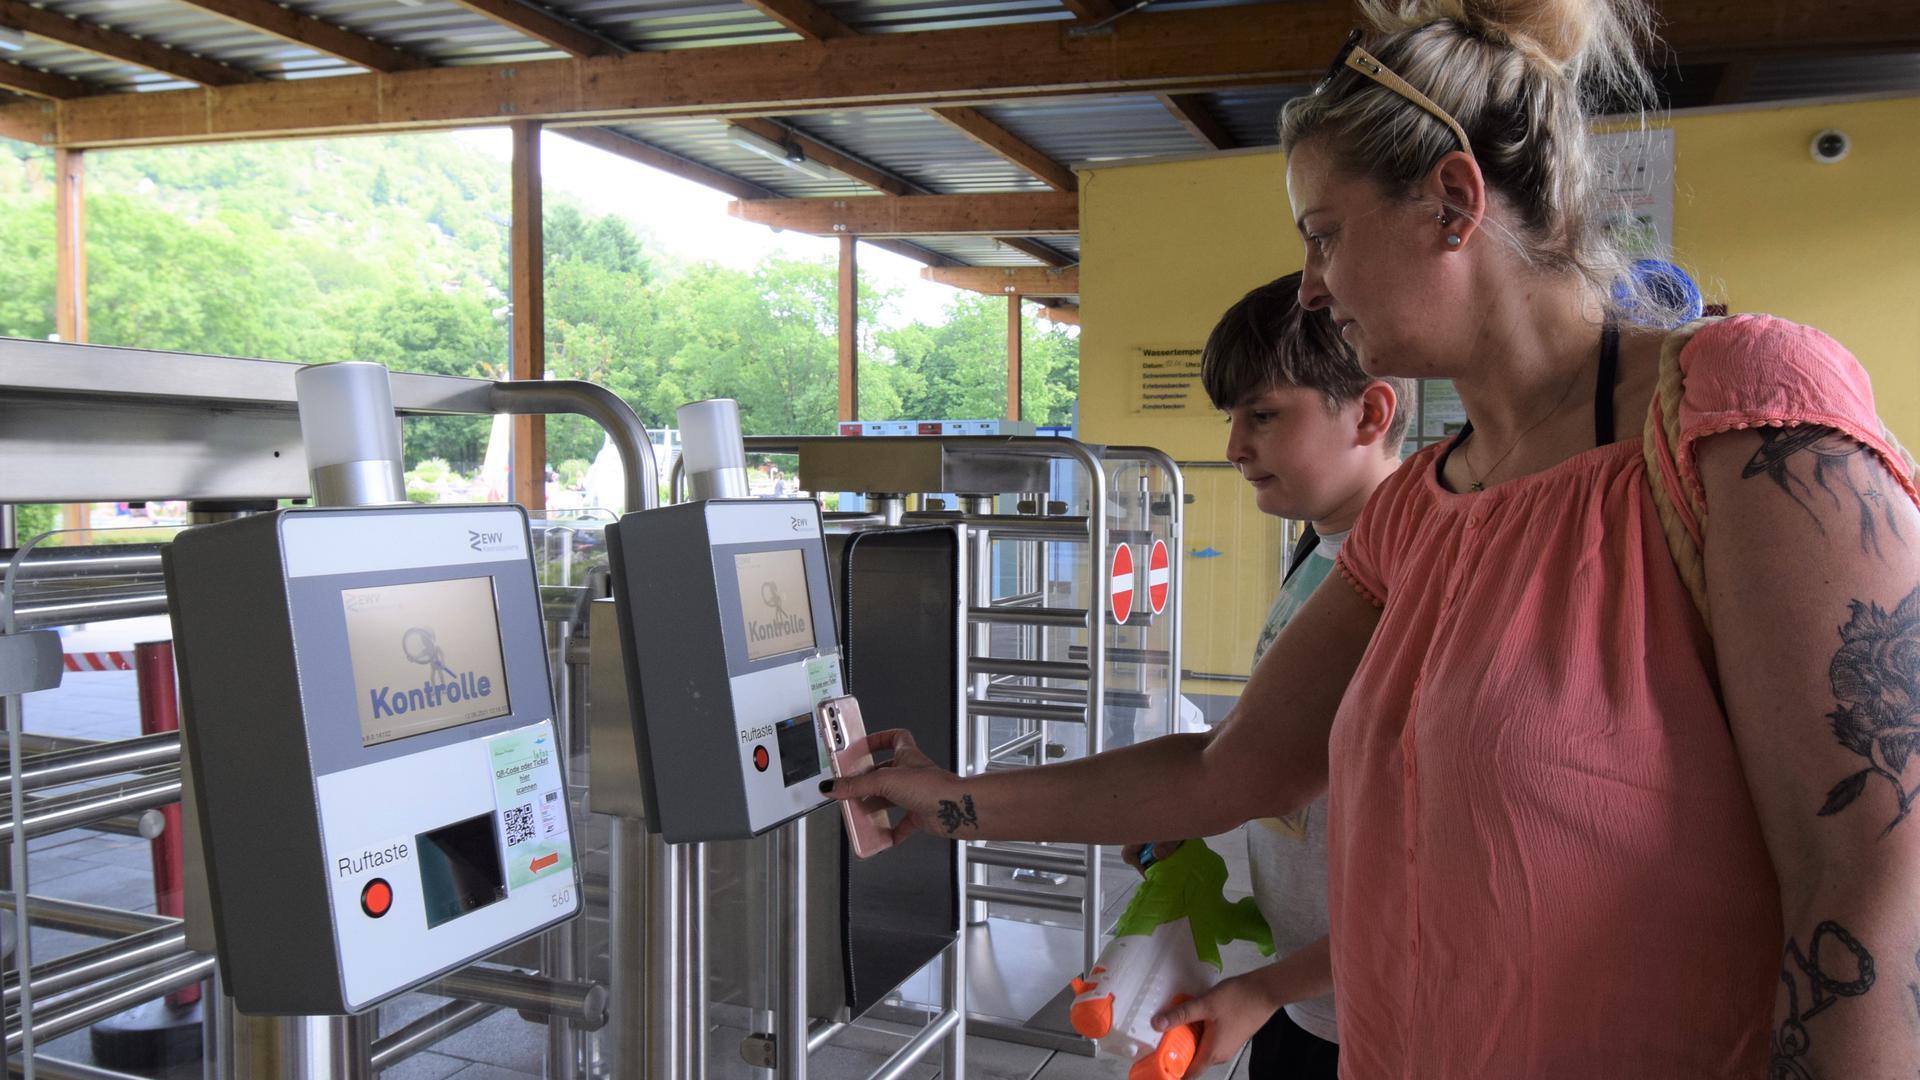 Eine Besucherin des Ettlinger Freibades hält am Eingang ihr Smartphone vor einen QR-Code-Scanner.